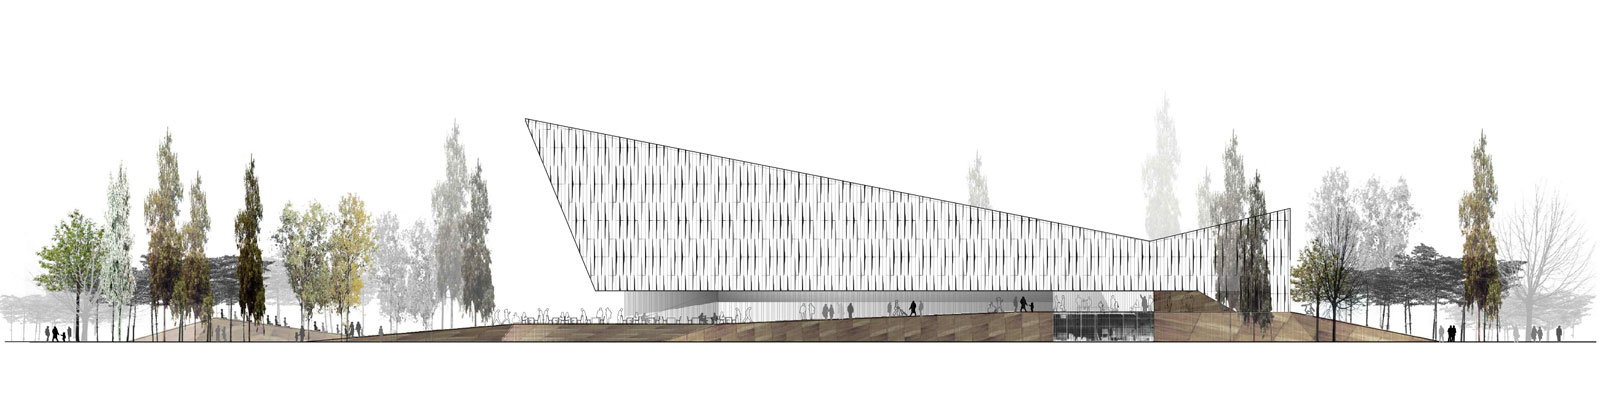 lucena_facade-river